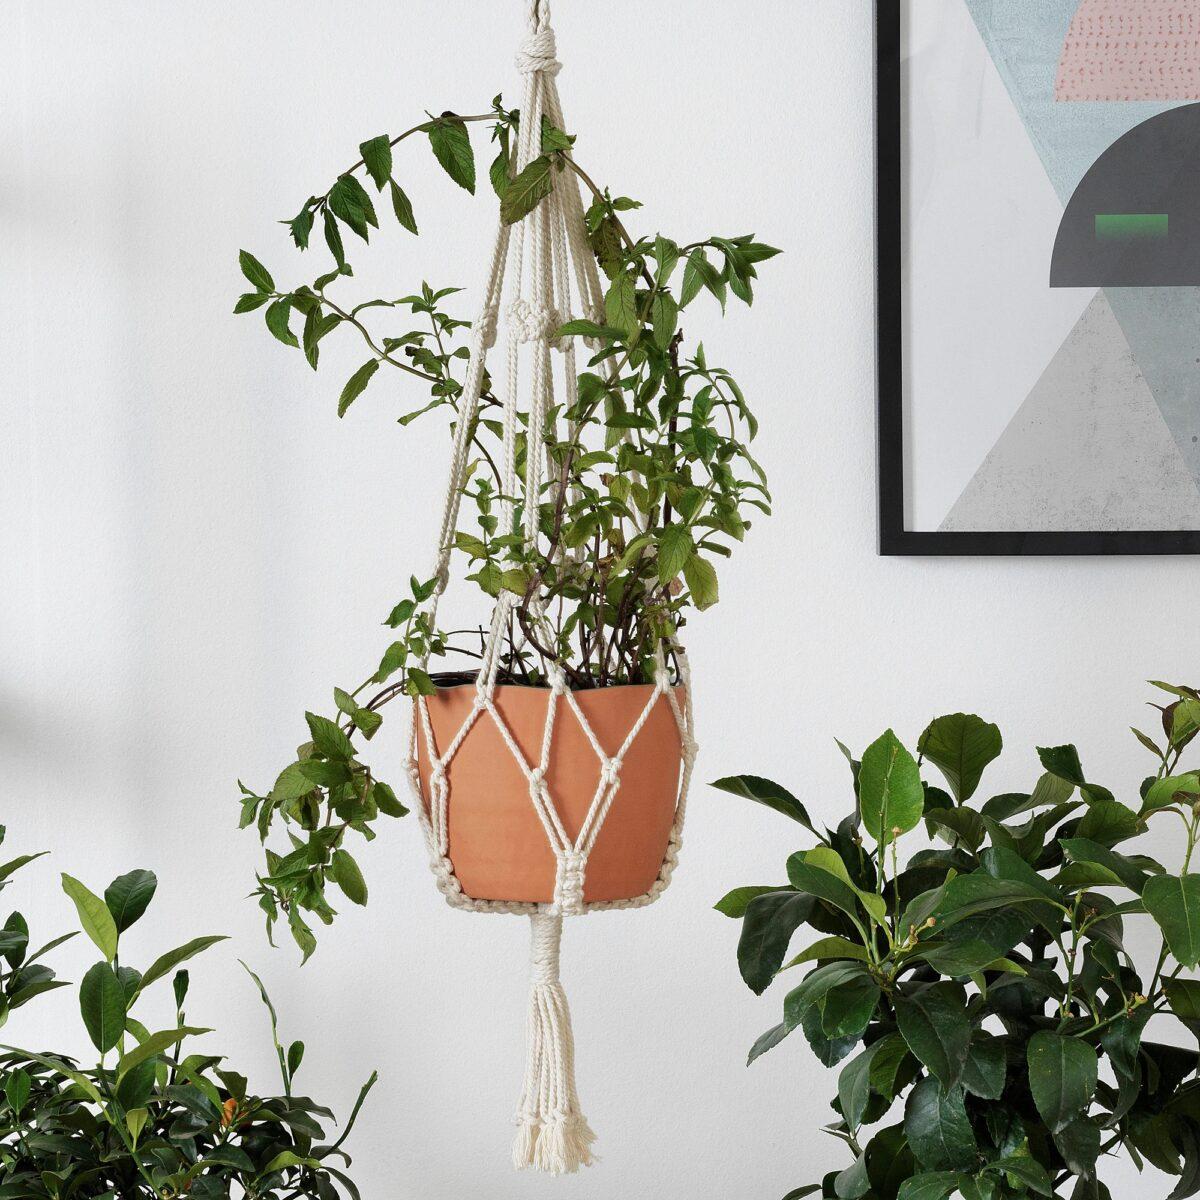 ikea-botanisk-accessorio-sospensione-portavasi-beige-fatto-a-mano